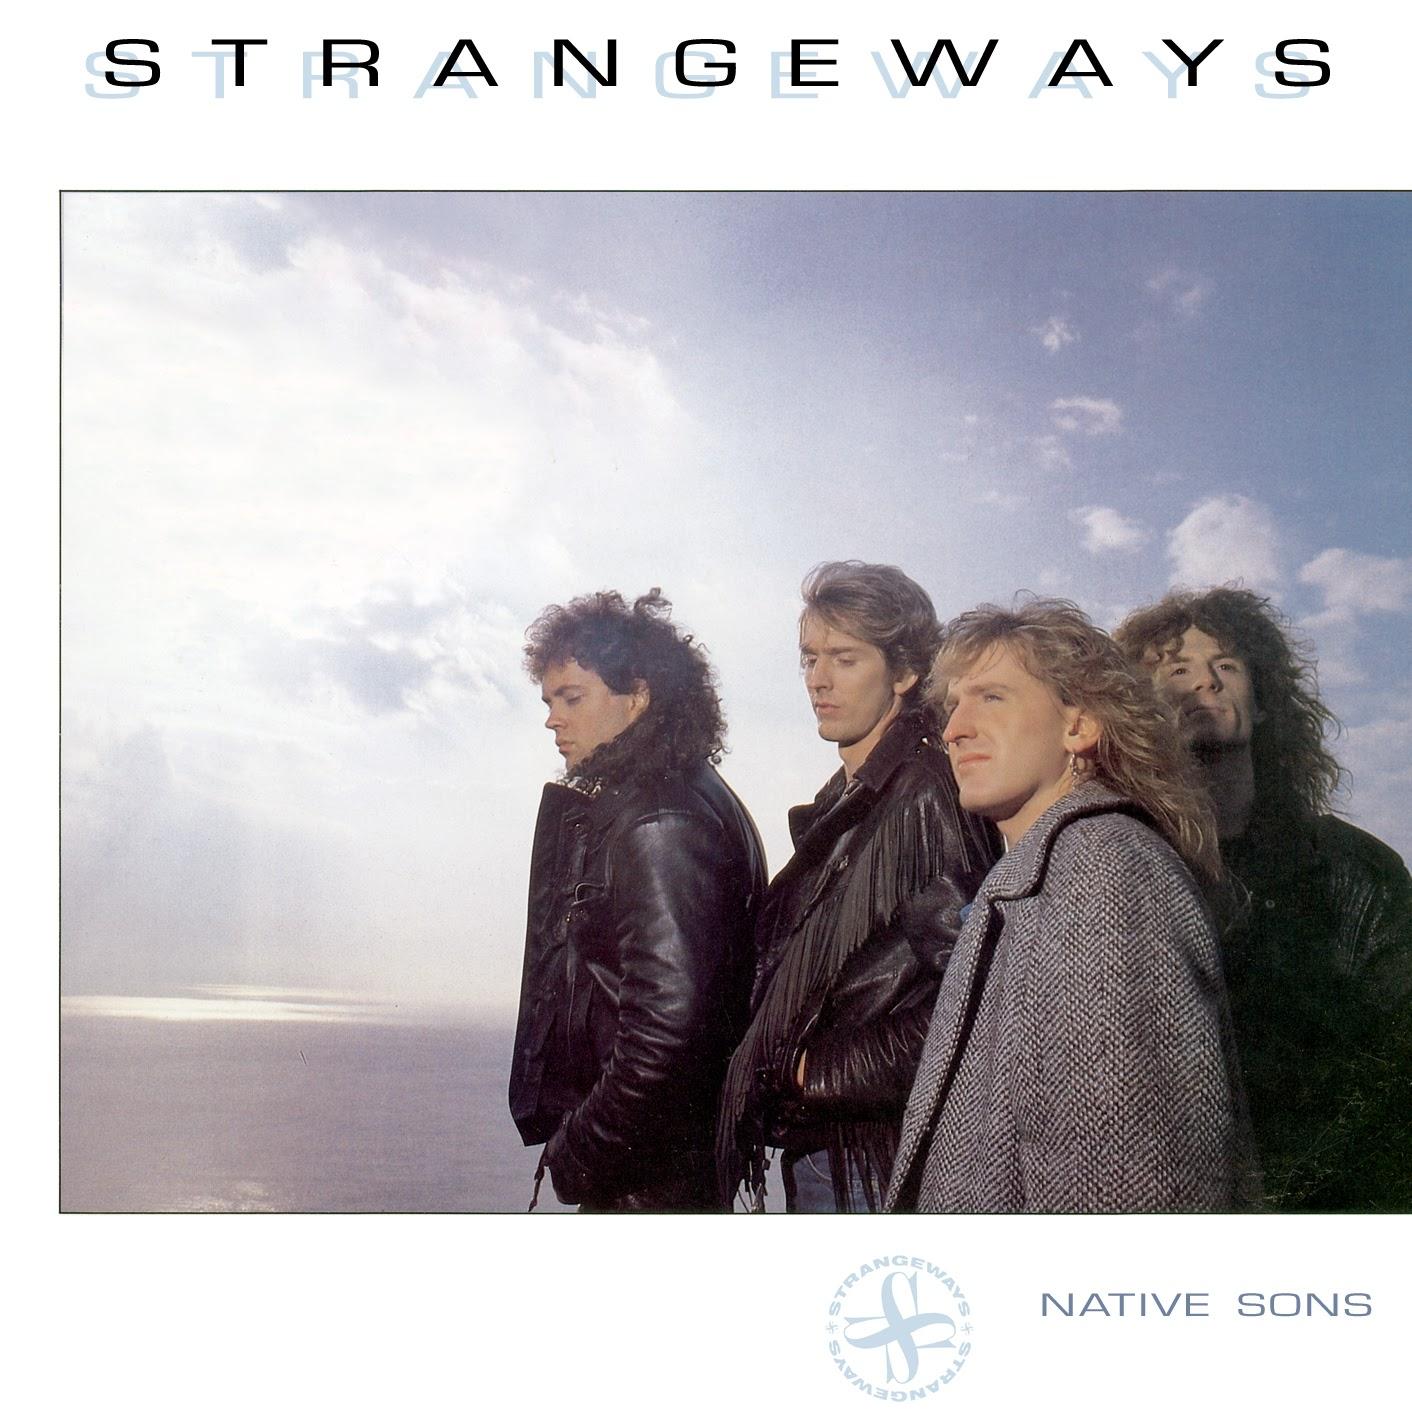 Strangeways Native sons 1987